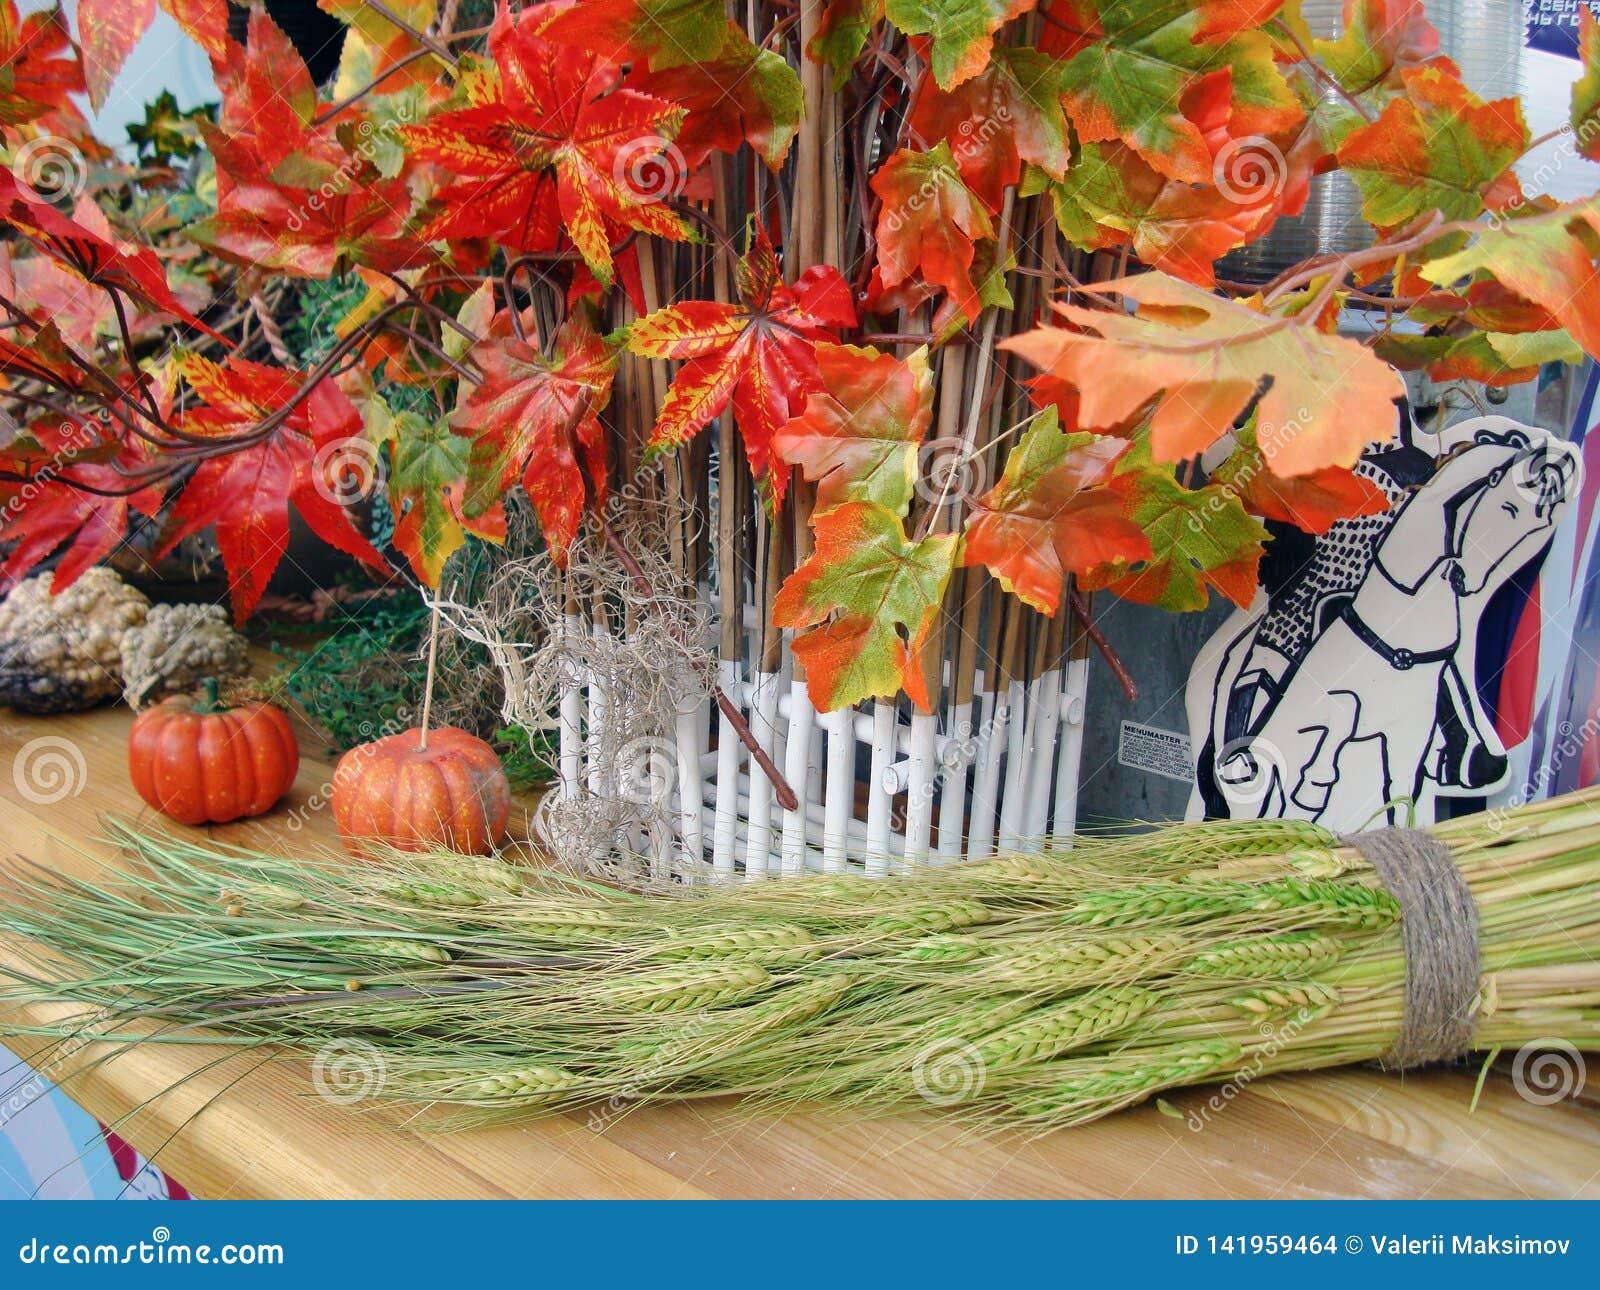 Composição do outono com folhas de bordo e as abóboras vermelho-verdes